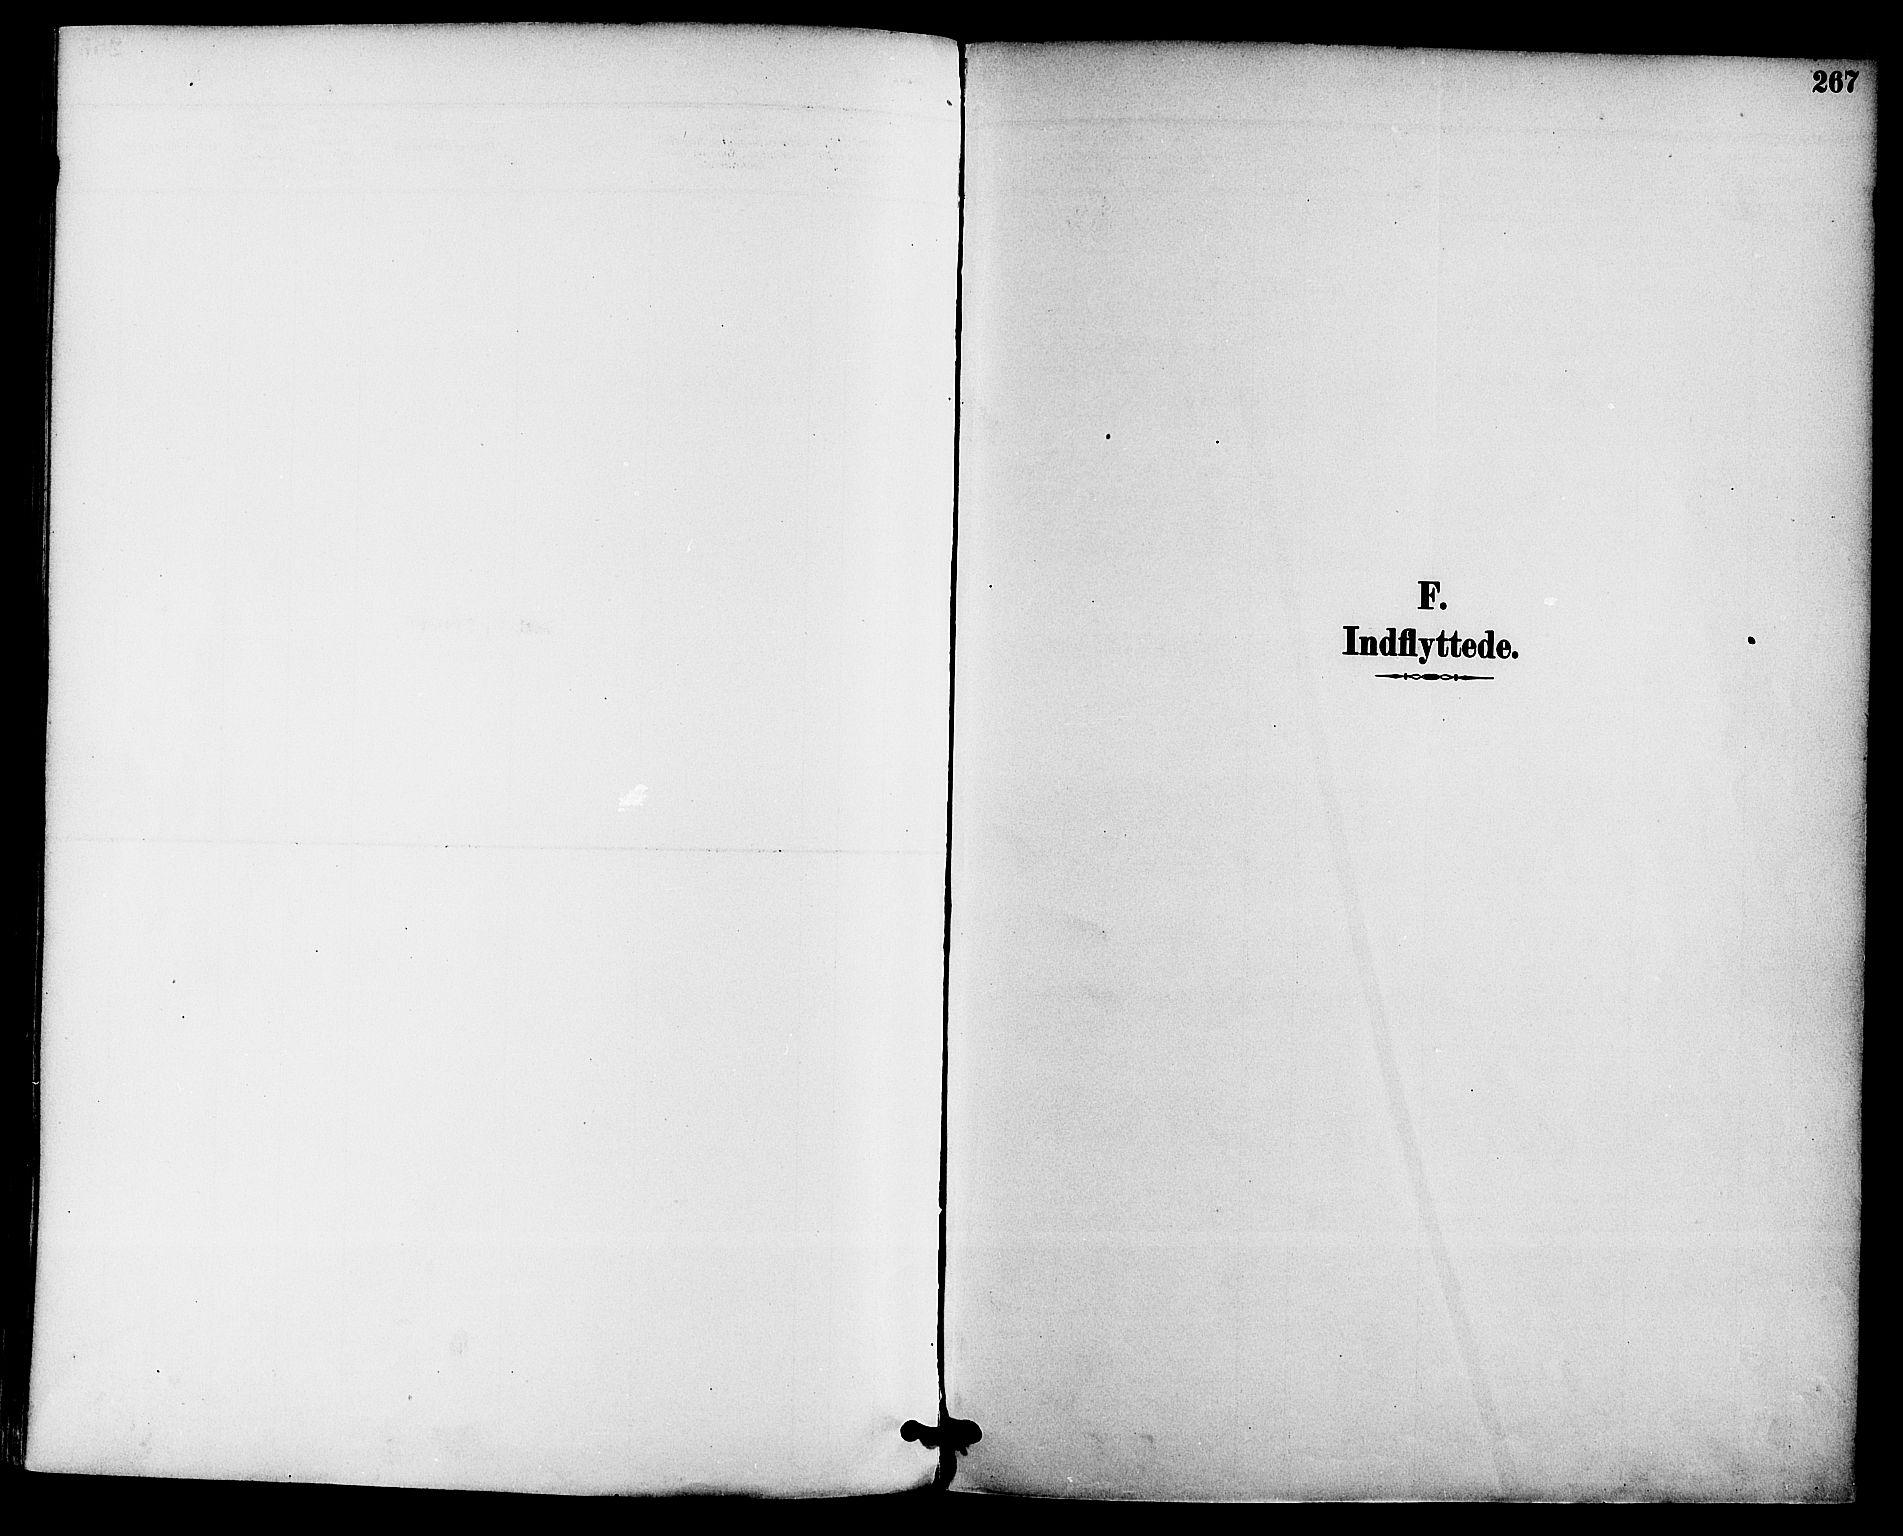 SAKO, Gjerpen kirkebøker, F/Fa/L0010: Ministerialbok nr. 10, 1886-1895, s. 267